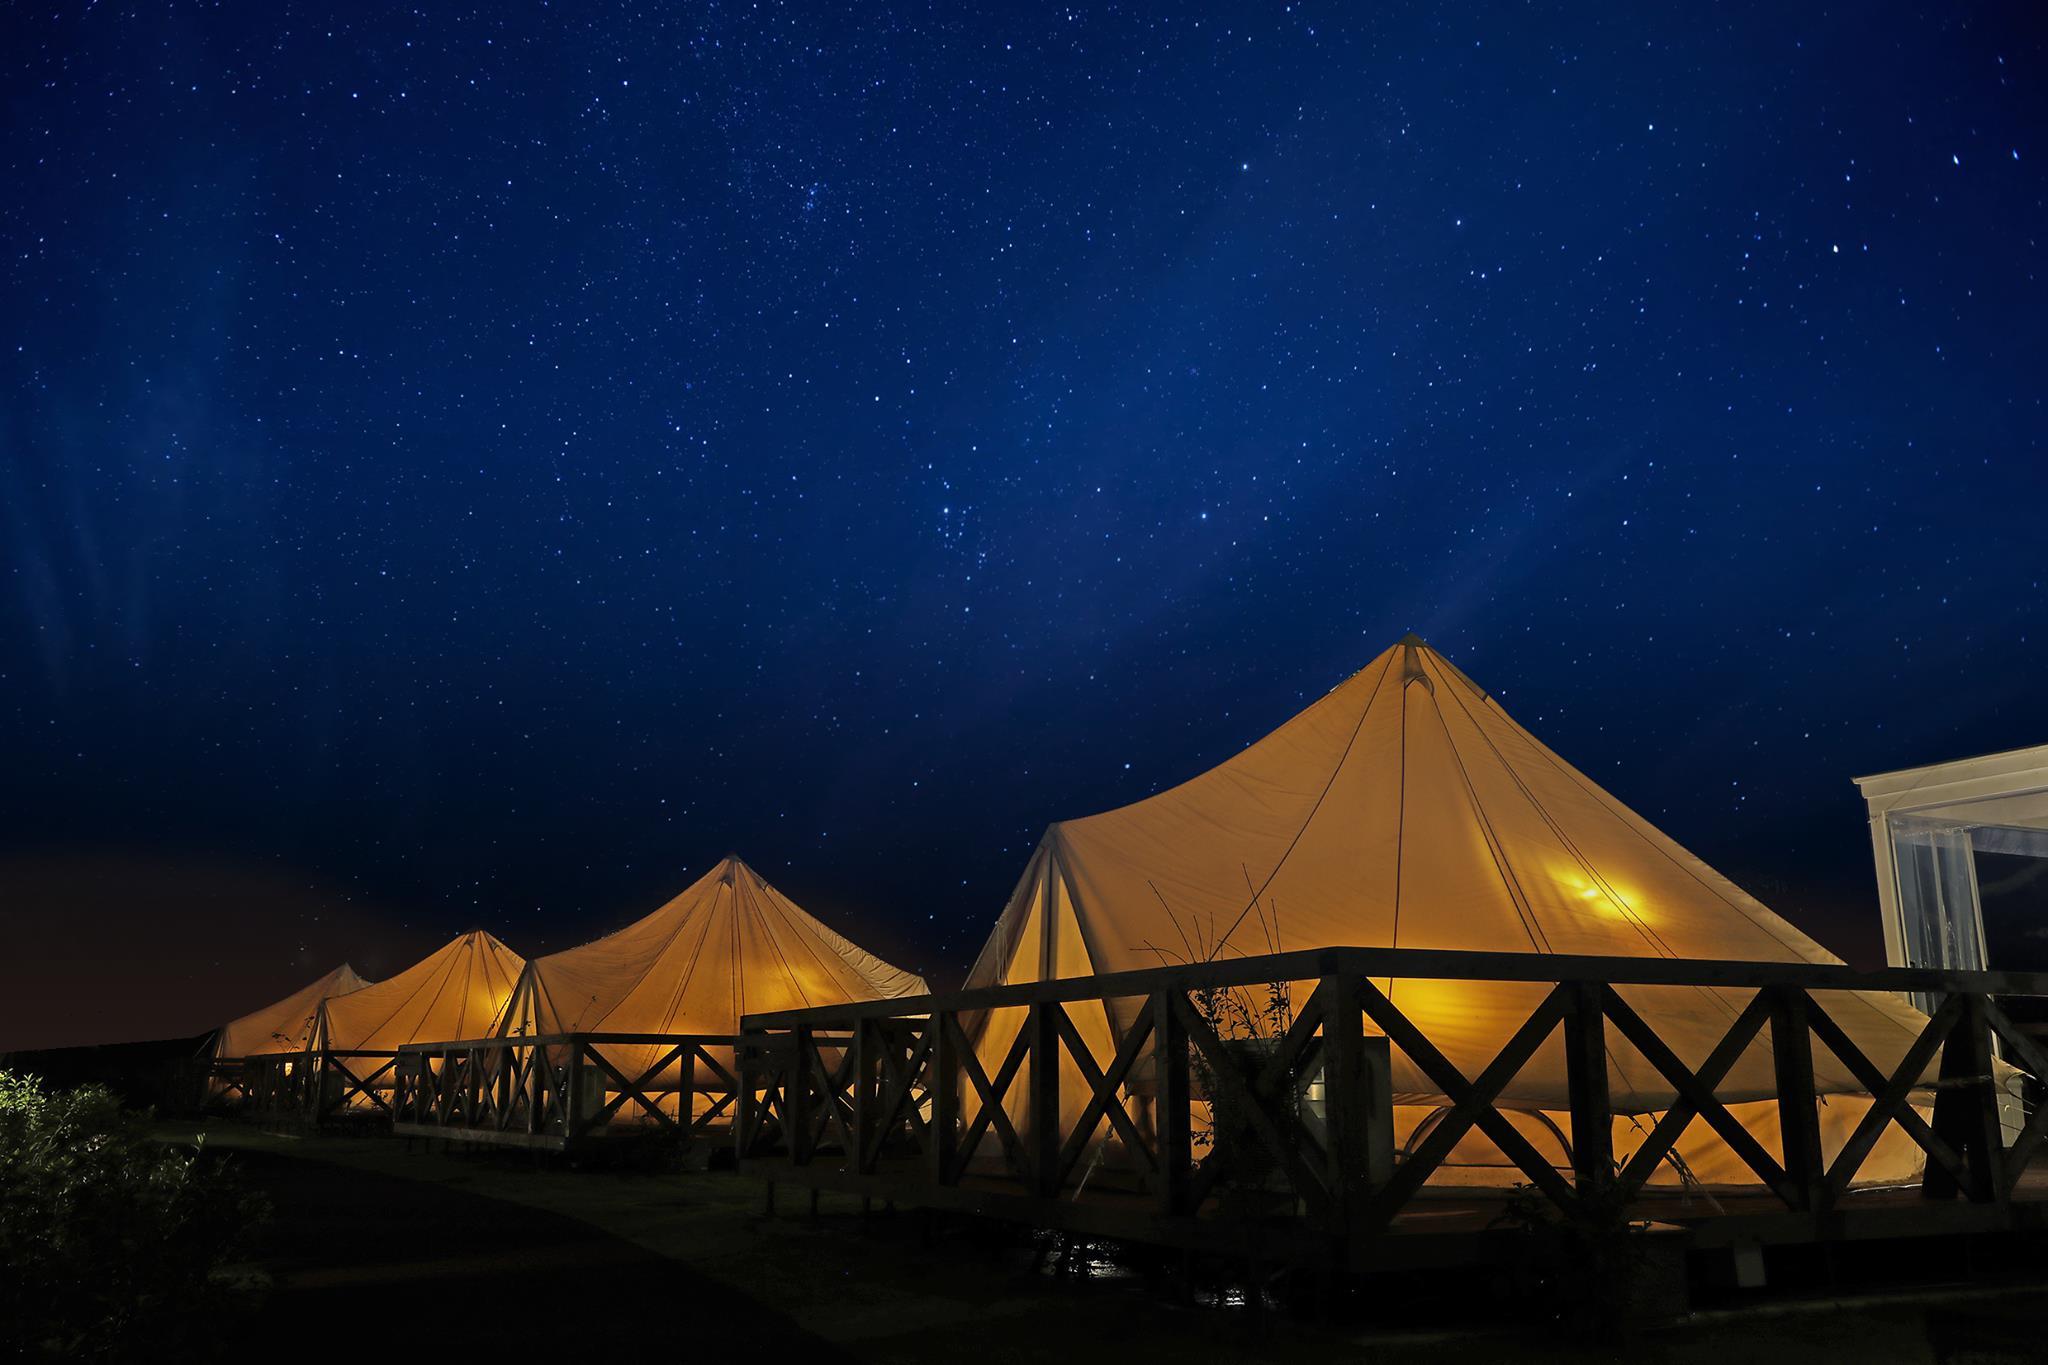 関東のおすすめグランピング施設「ウフフビレッジ」の夜景